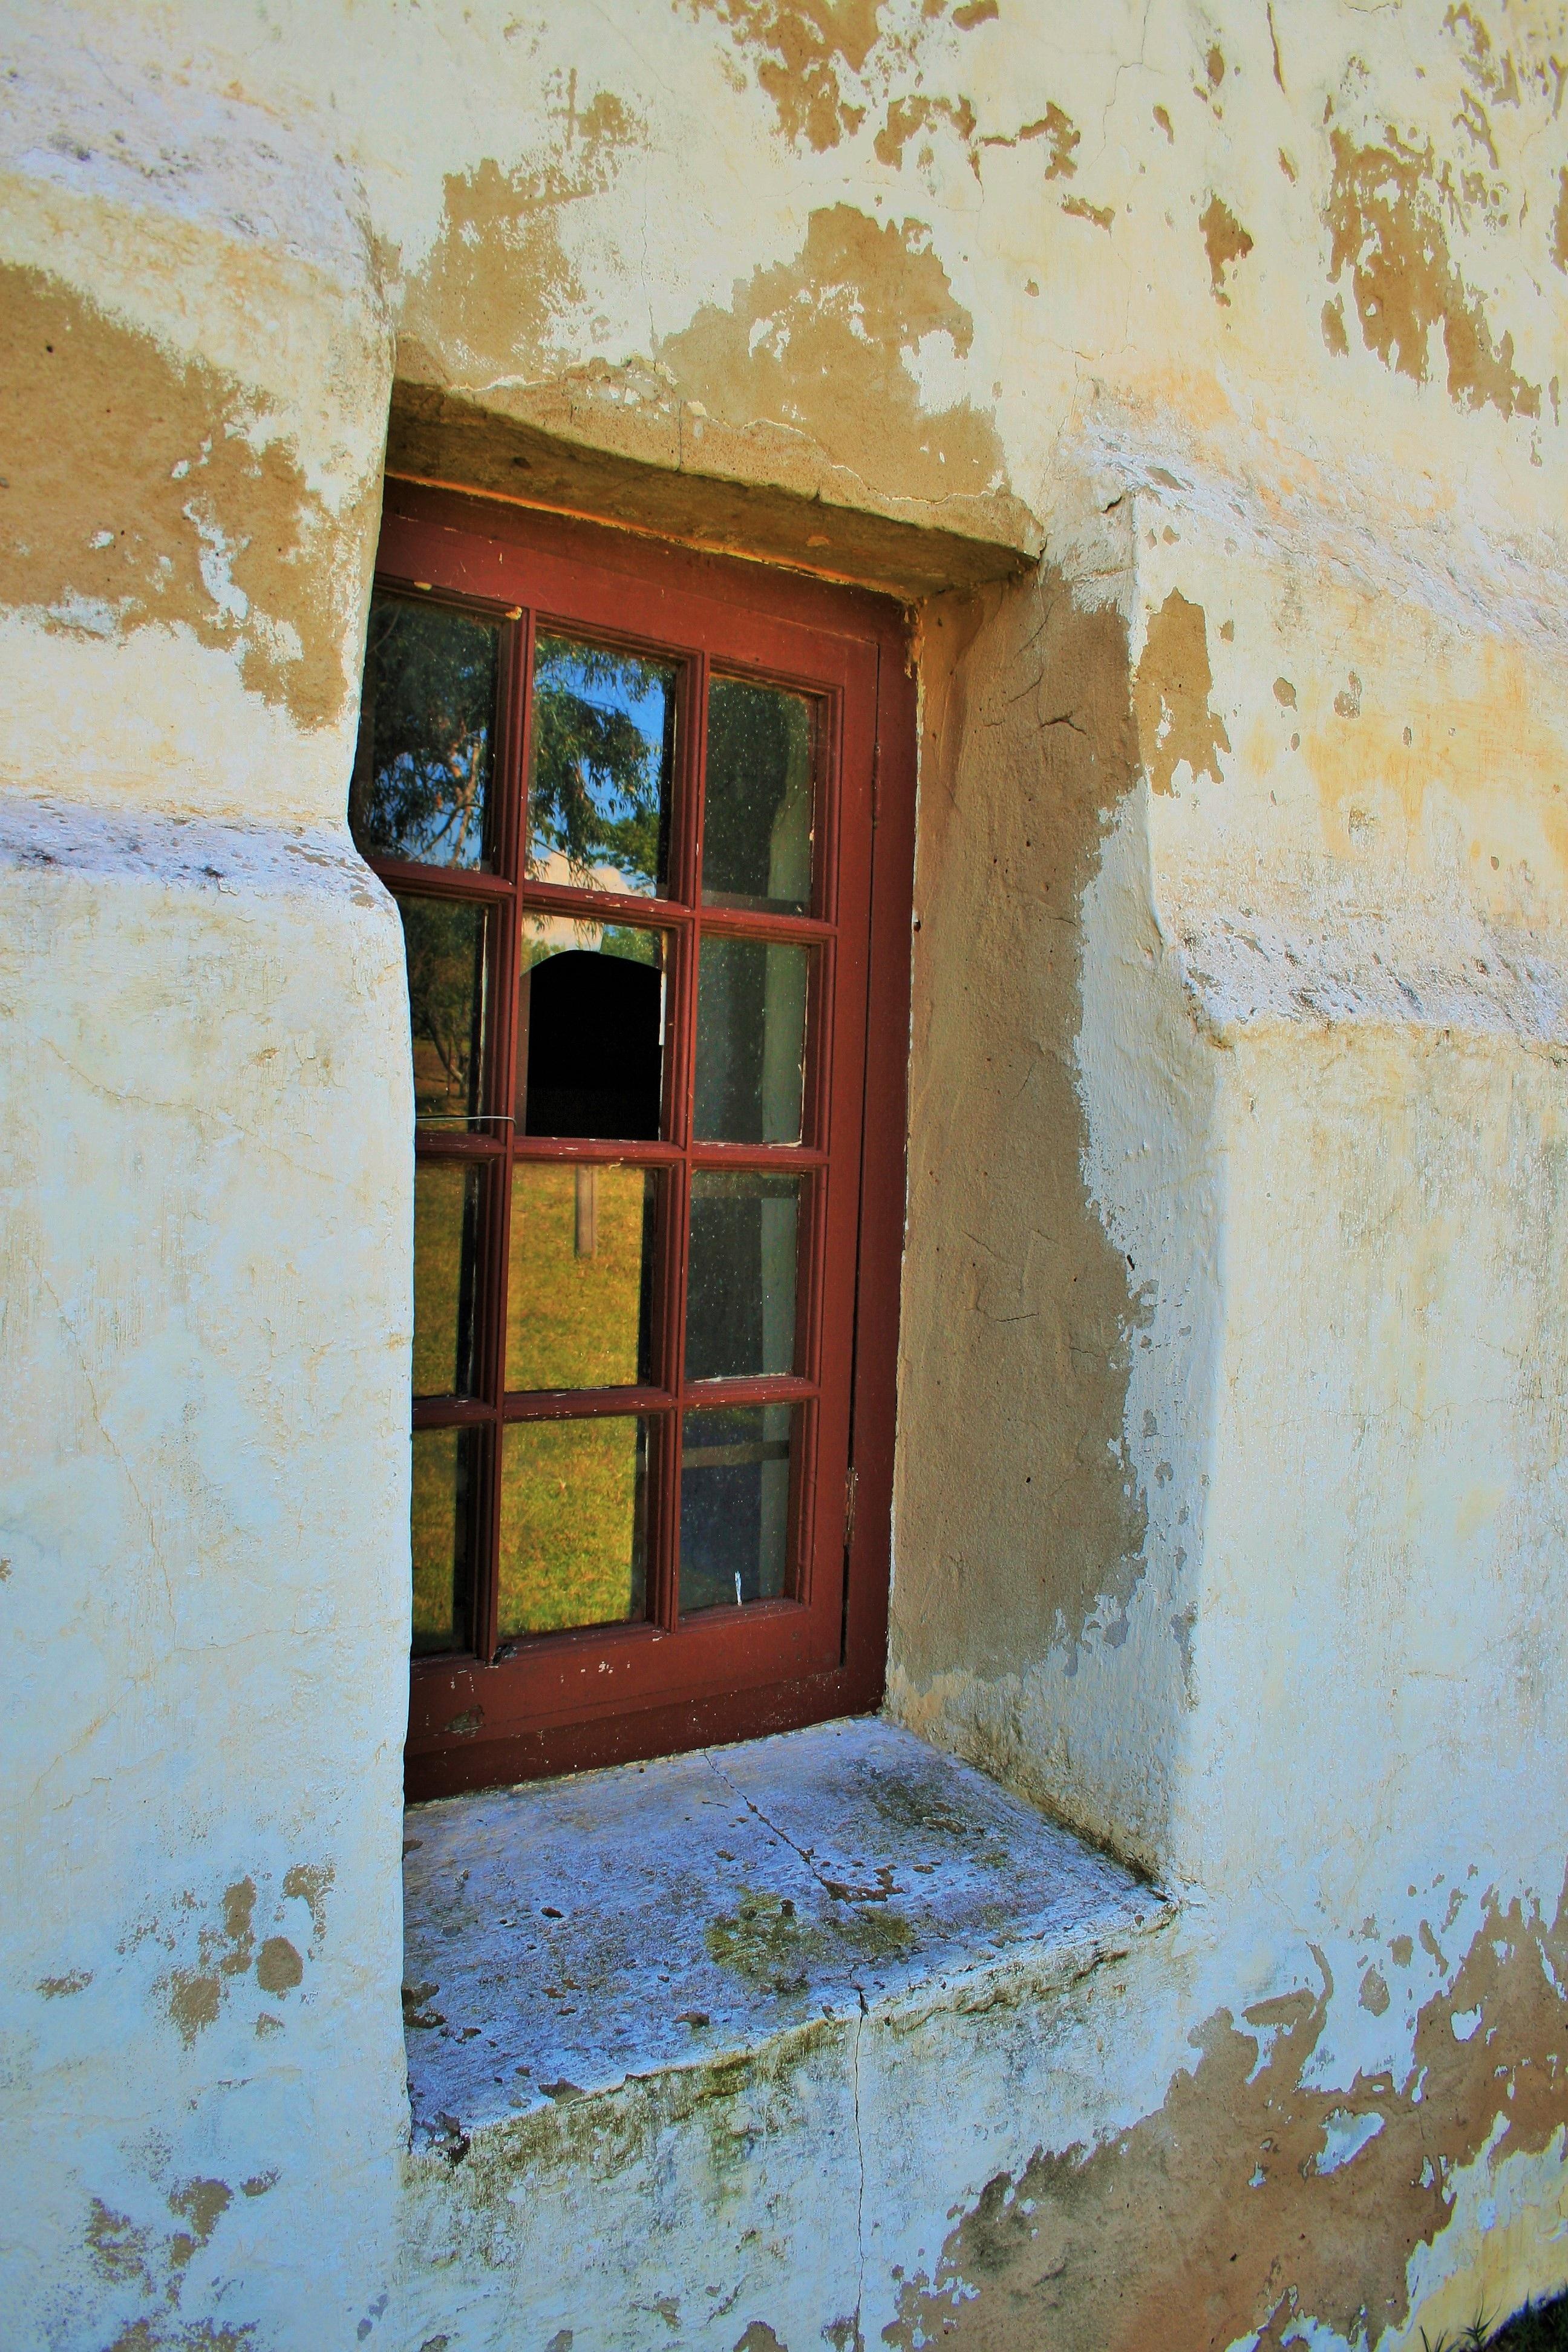 Images Gratuites Ferme Maison Texture Fenêtre Verre